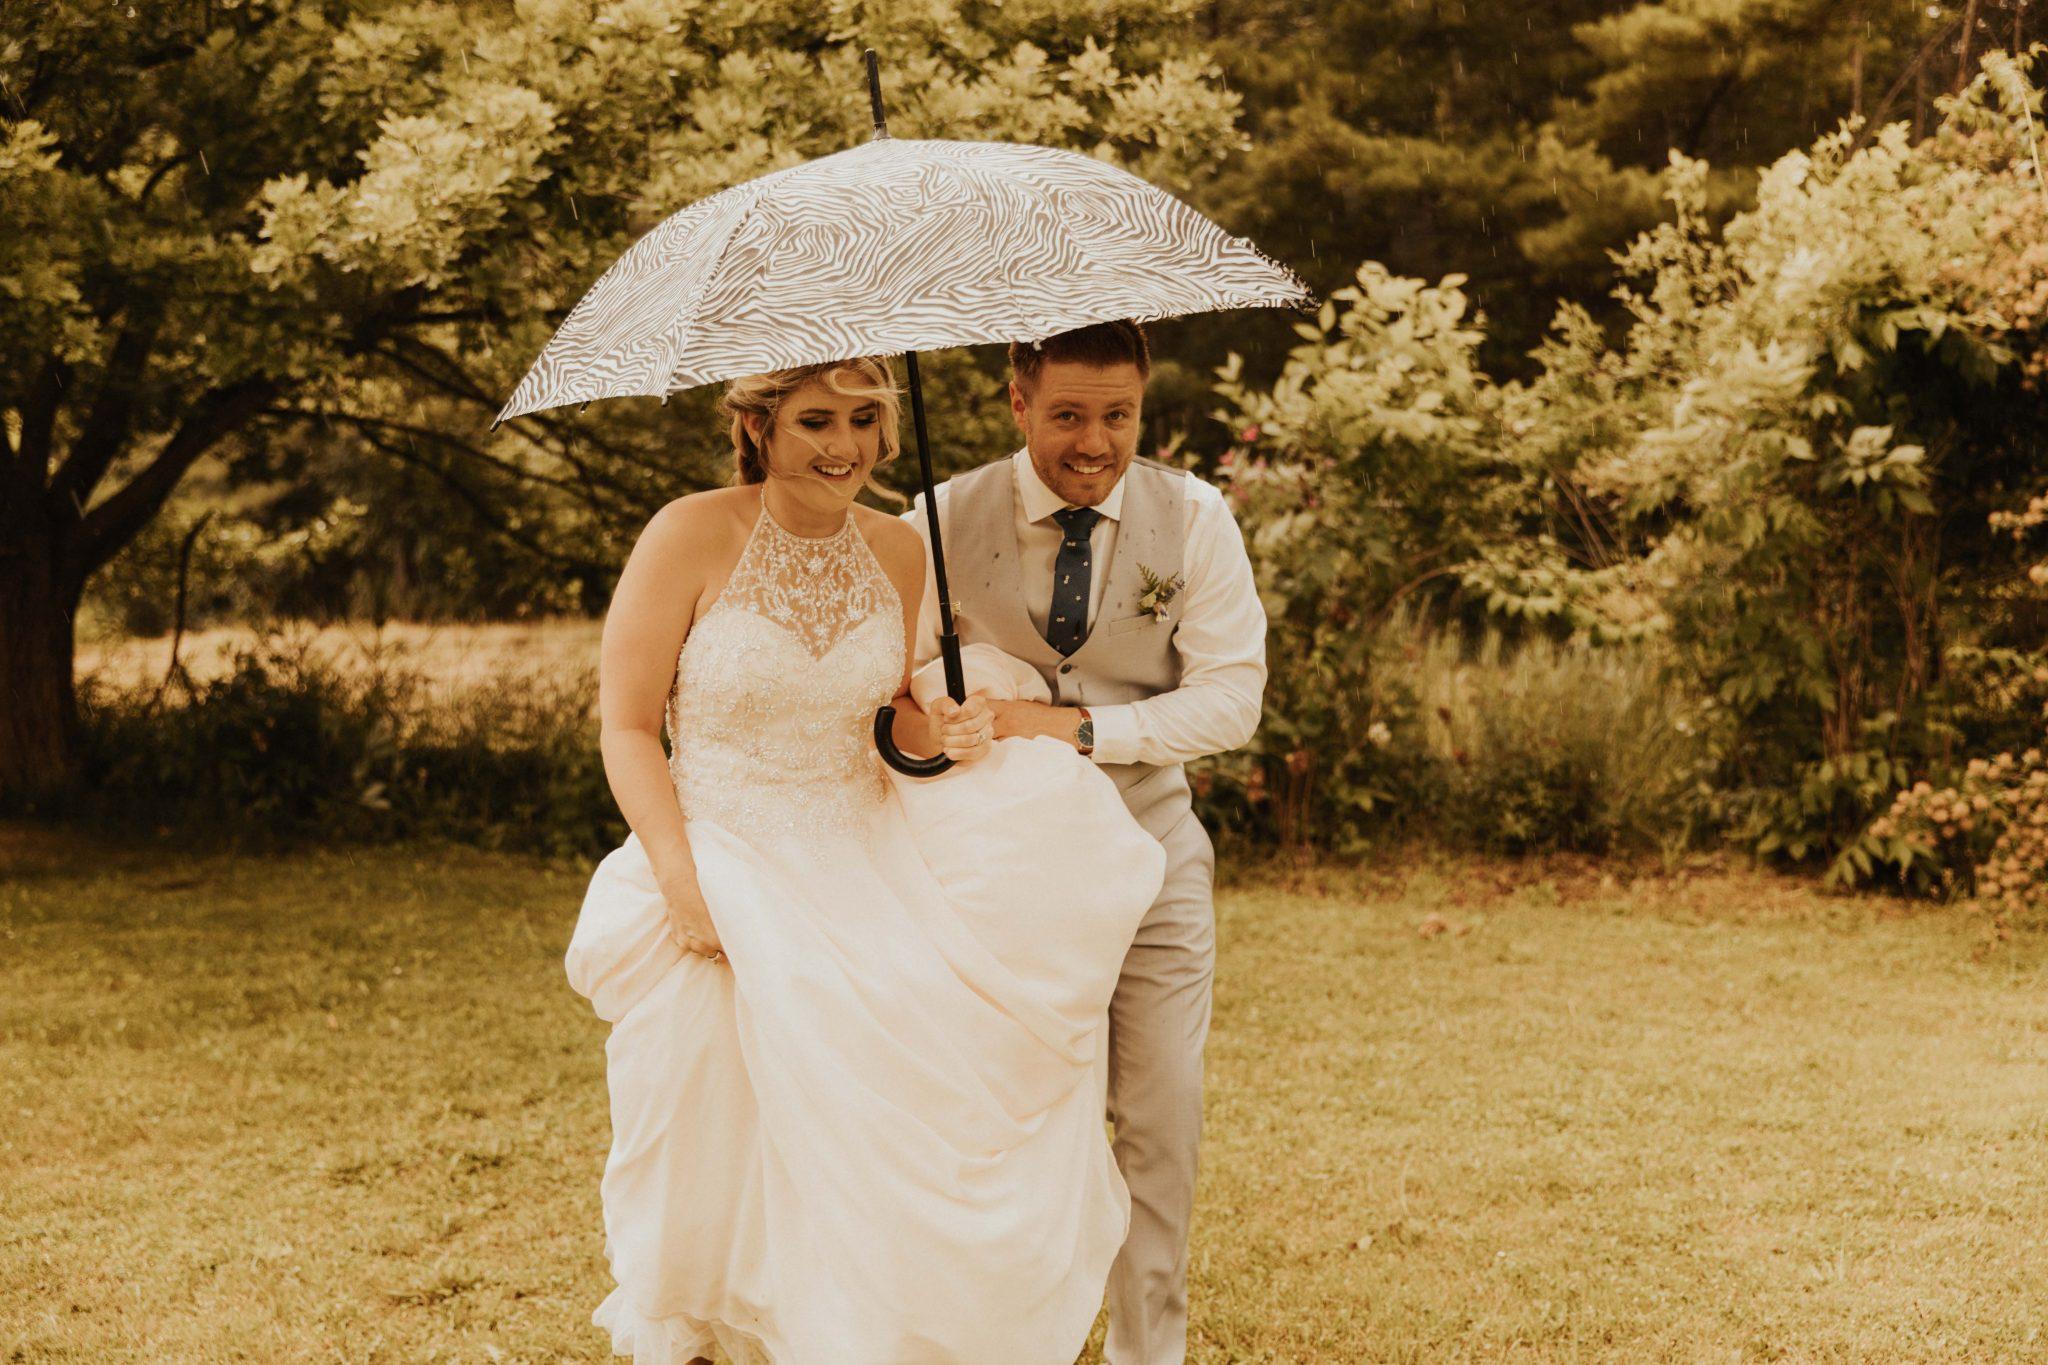 wedding photos with umbrella